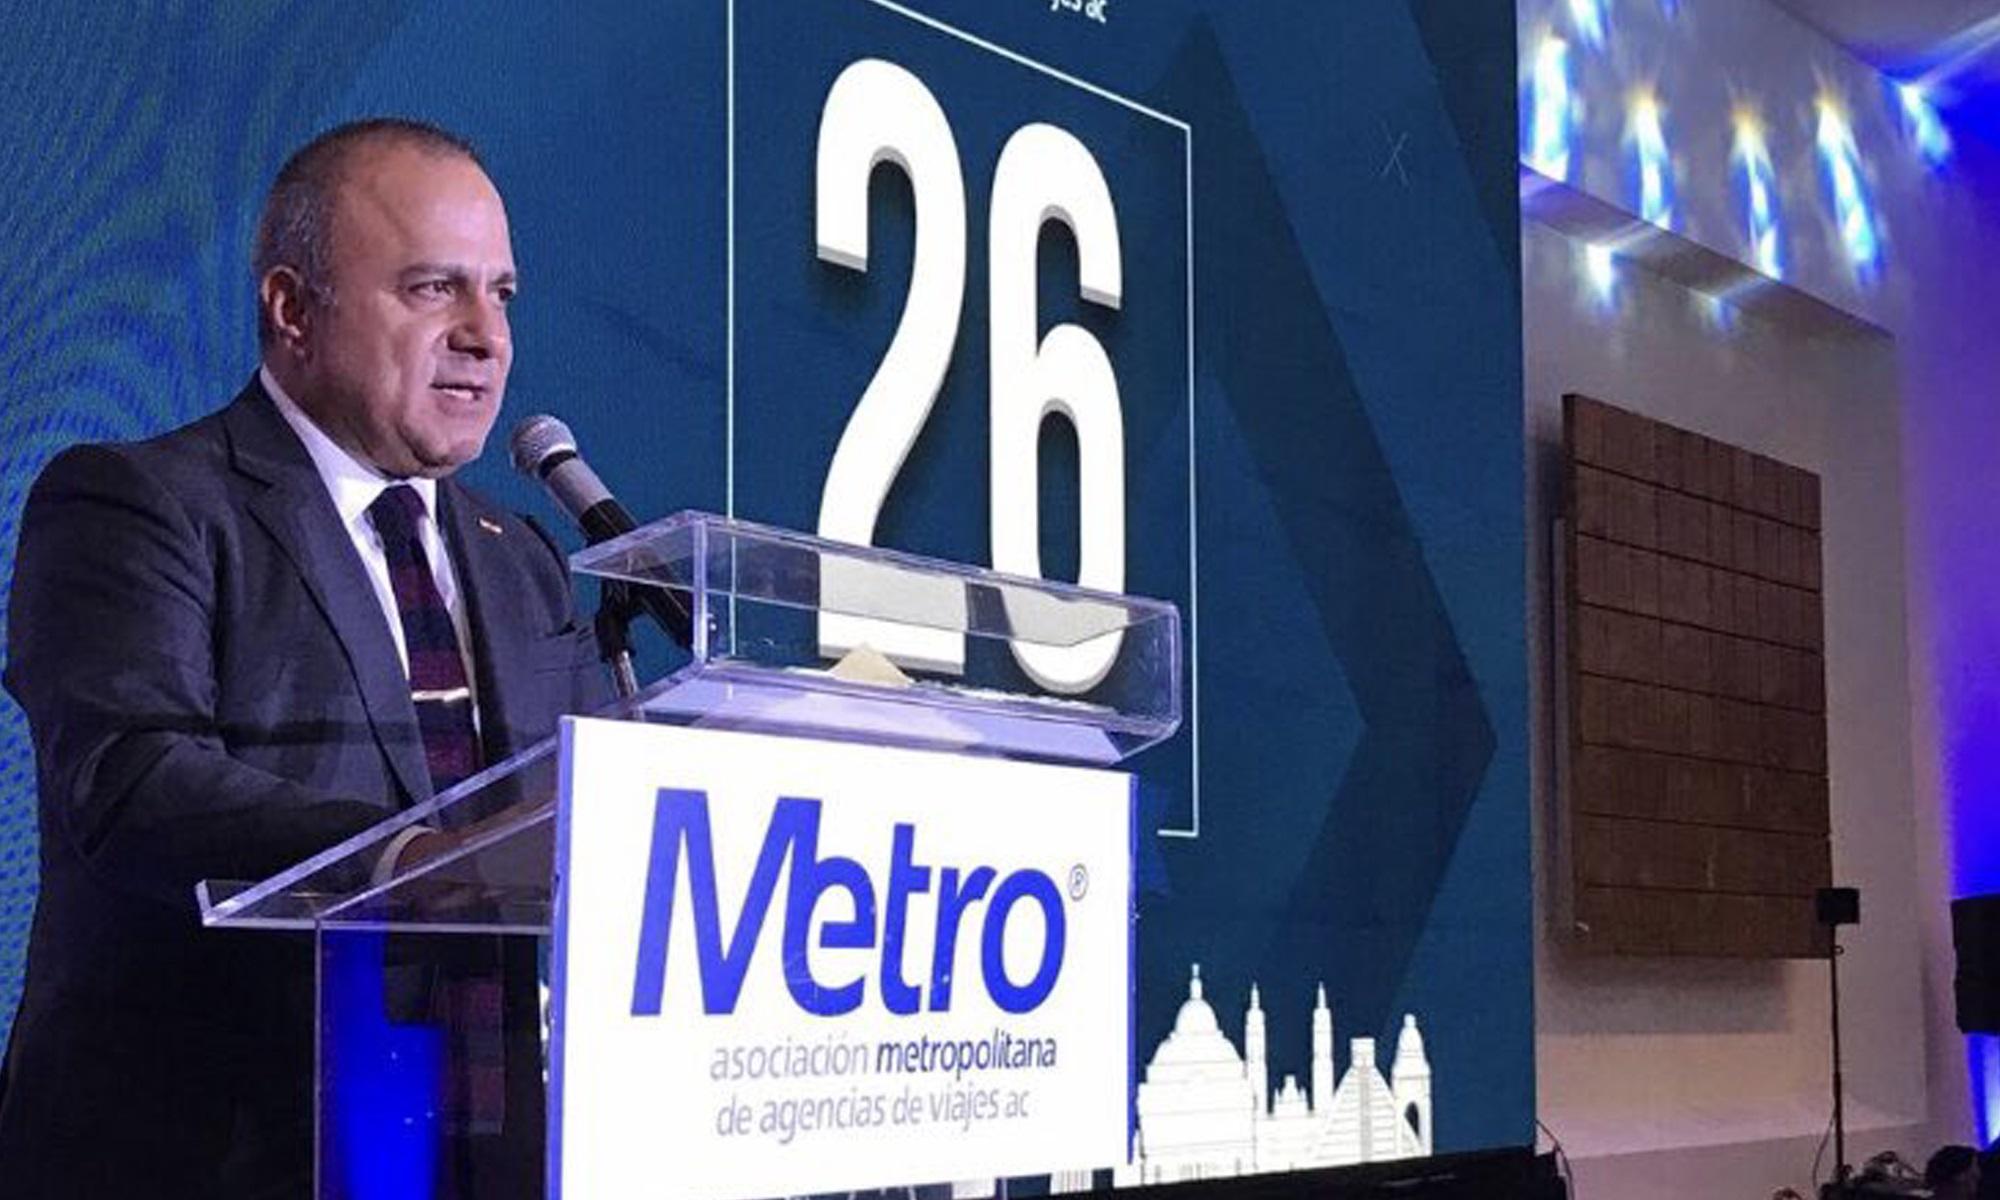 La Asociación Metropolitana de Agencias de Viajes